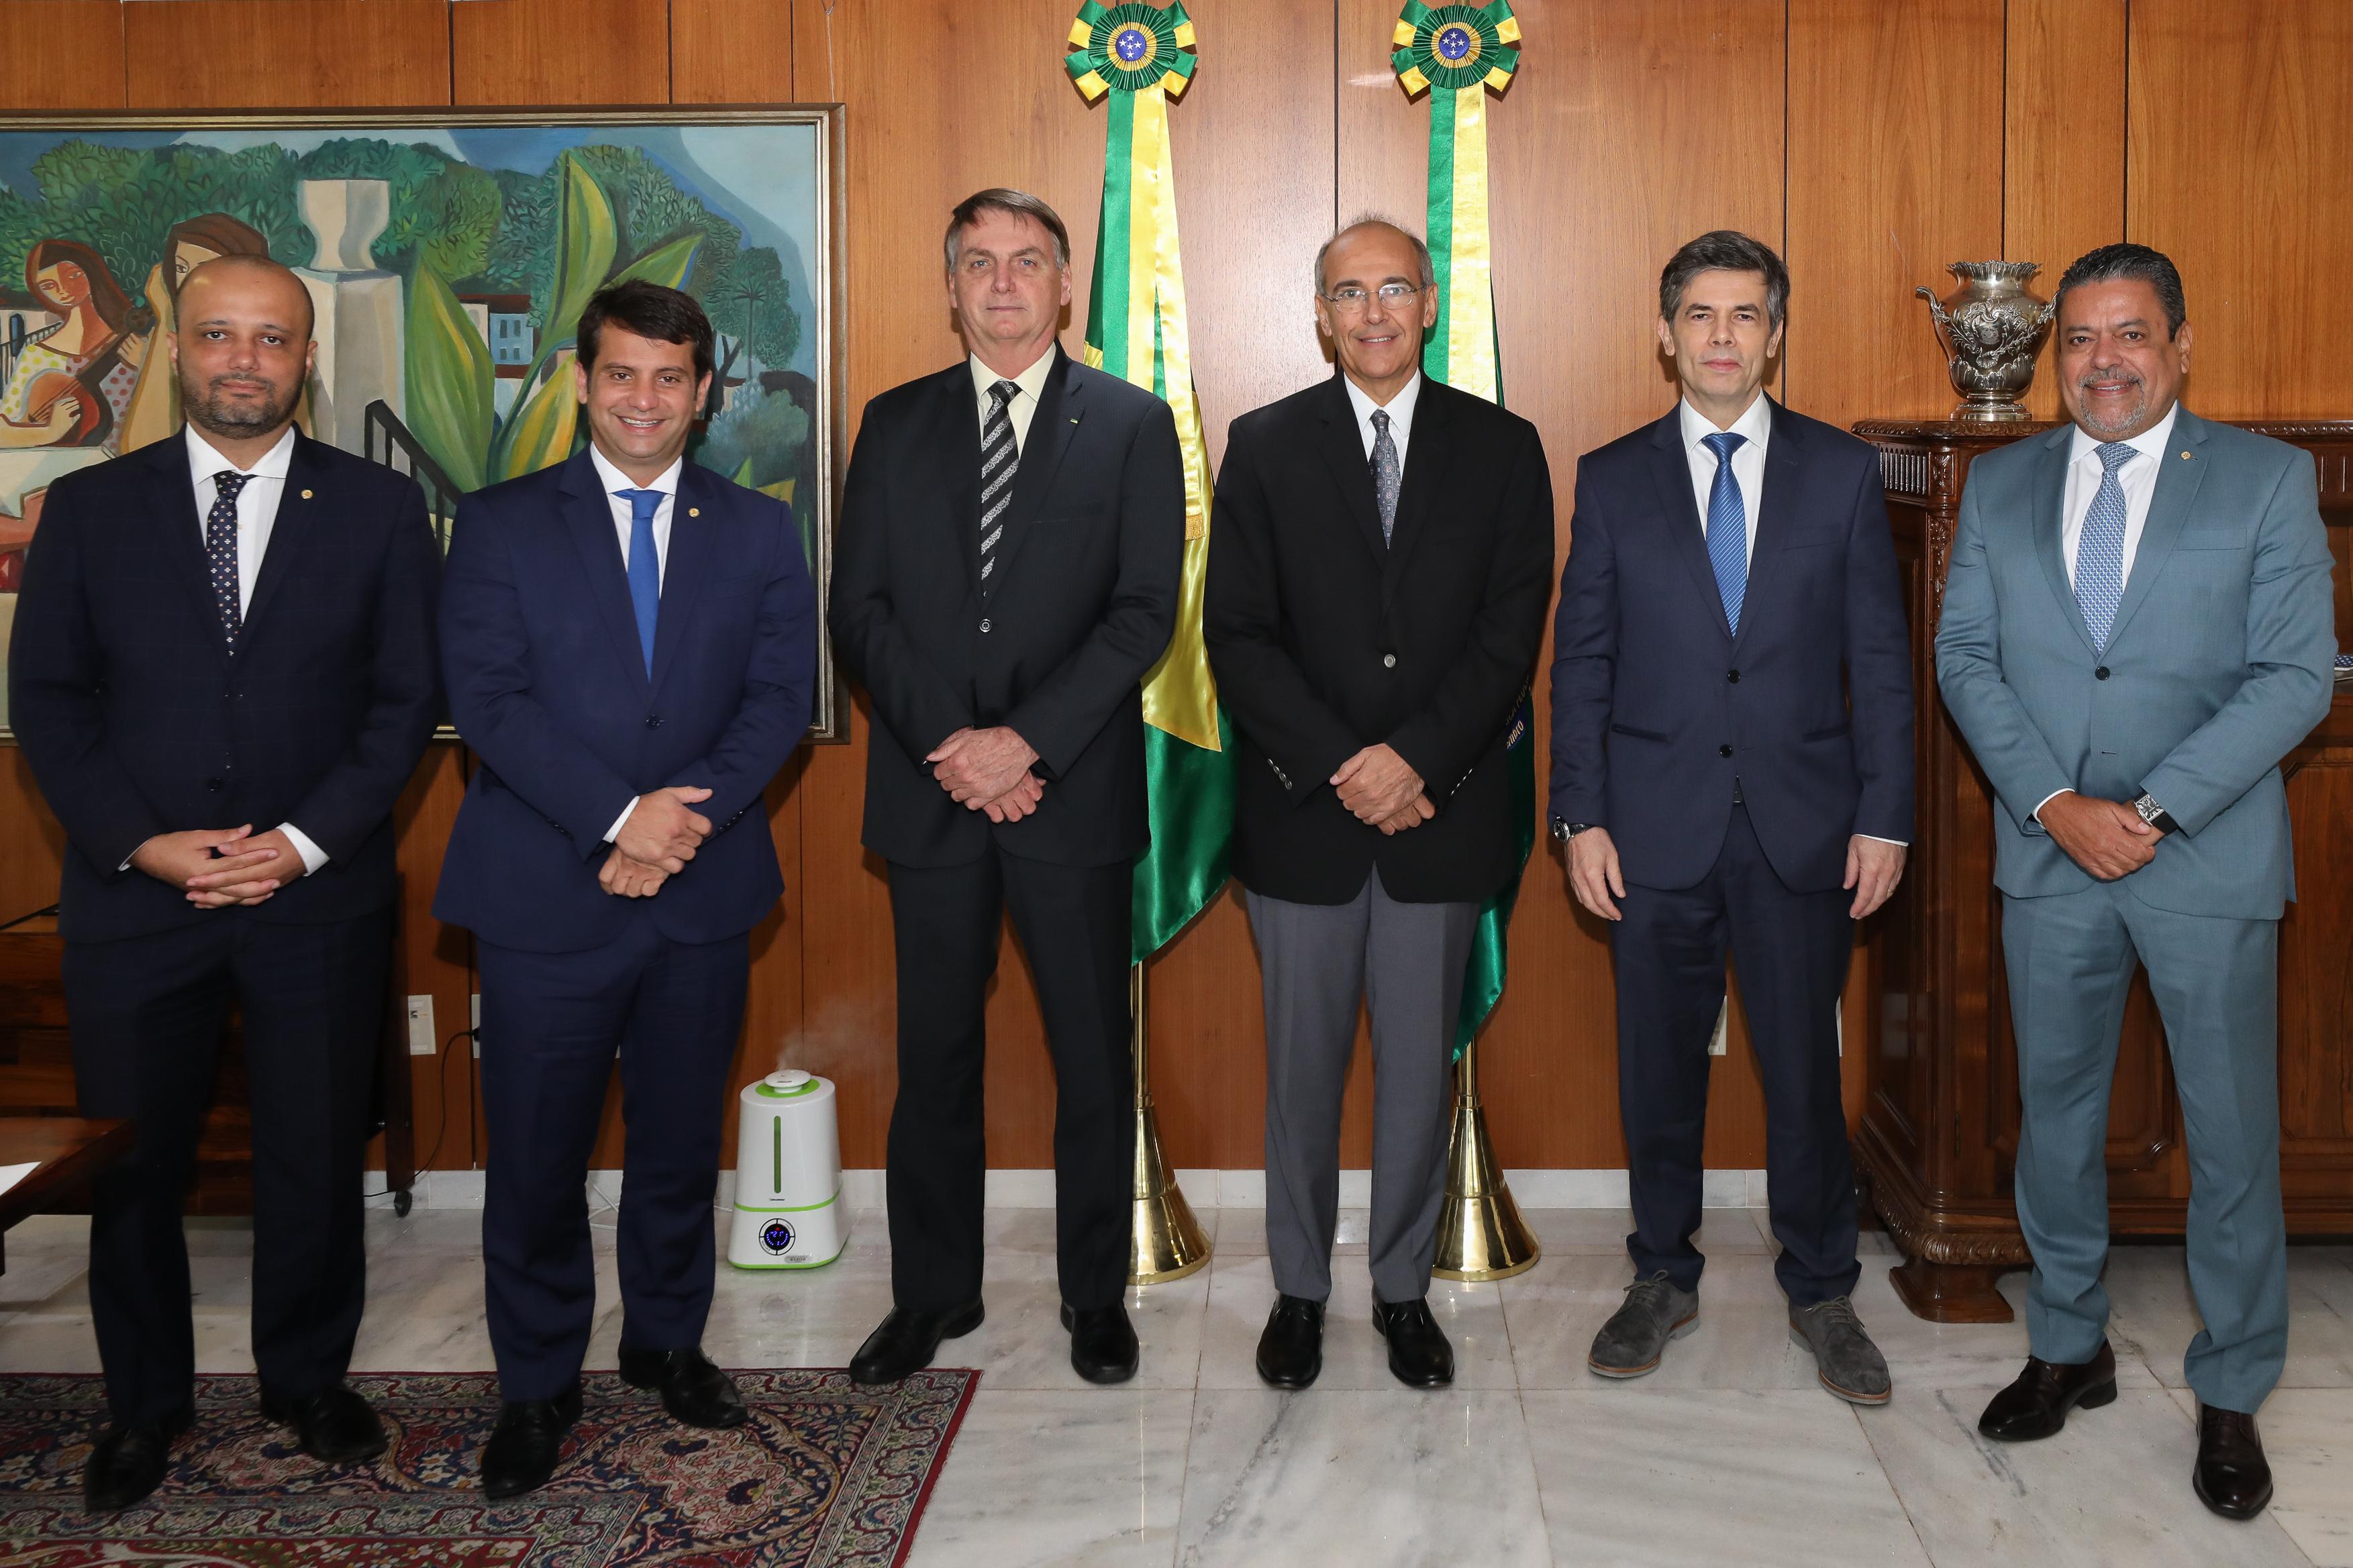 Mauro Ribeiro, presidente do CFM, entre Bolsonaro e Teich (foto: Marcos Corrêa/PR)